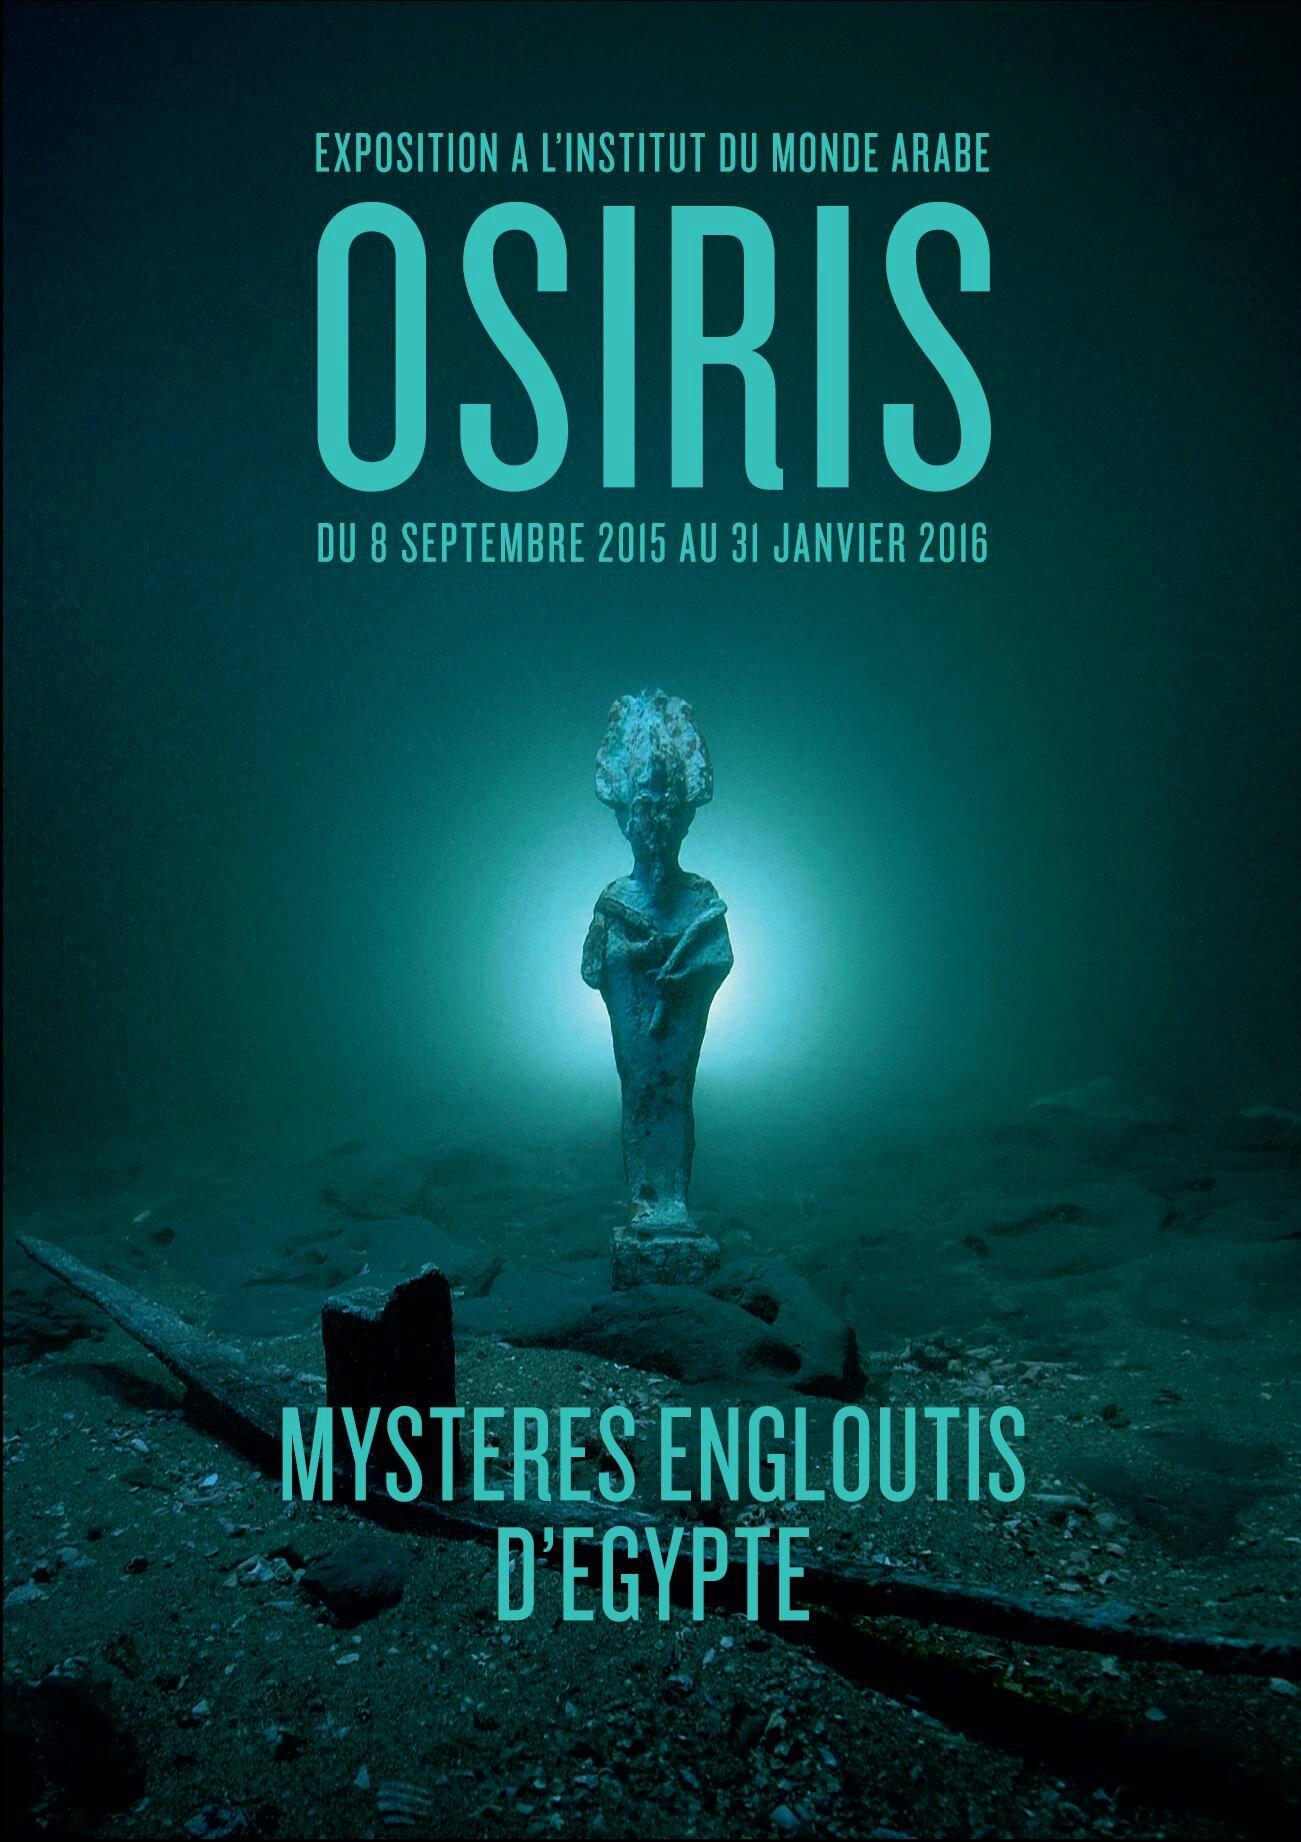 OSIRIS, les mystères engloutis d'Egypte à l'Institut du Monde Arabe